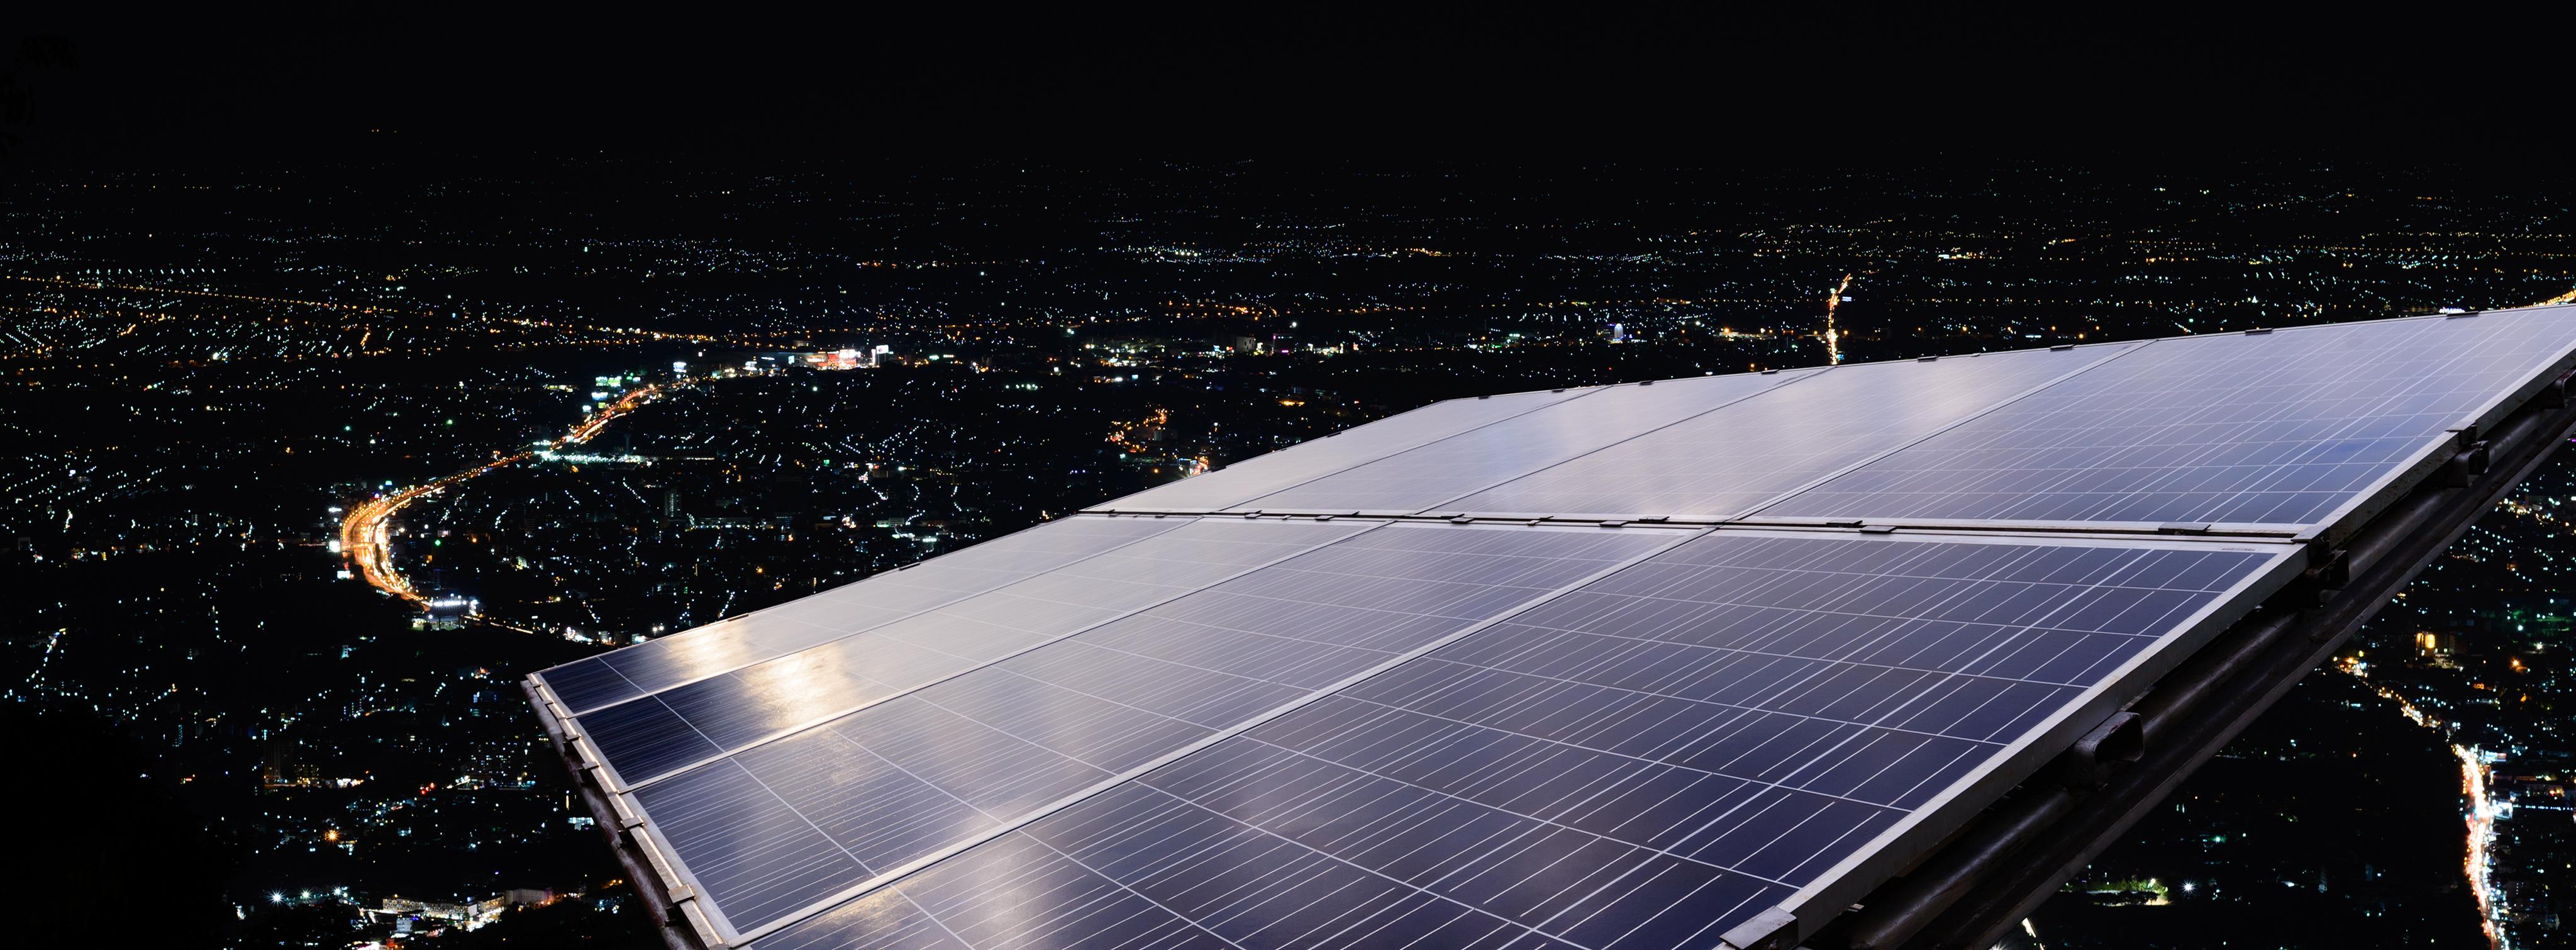 Herzlich Willkommen bei Solarexpress!